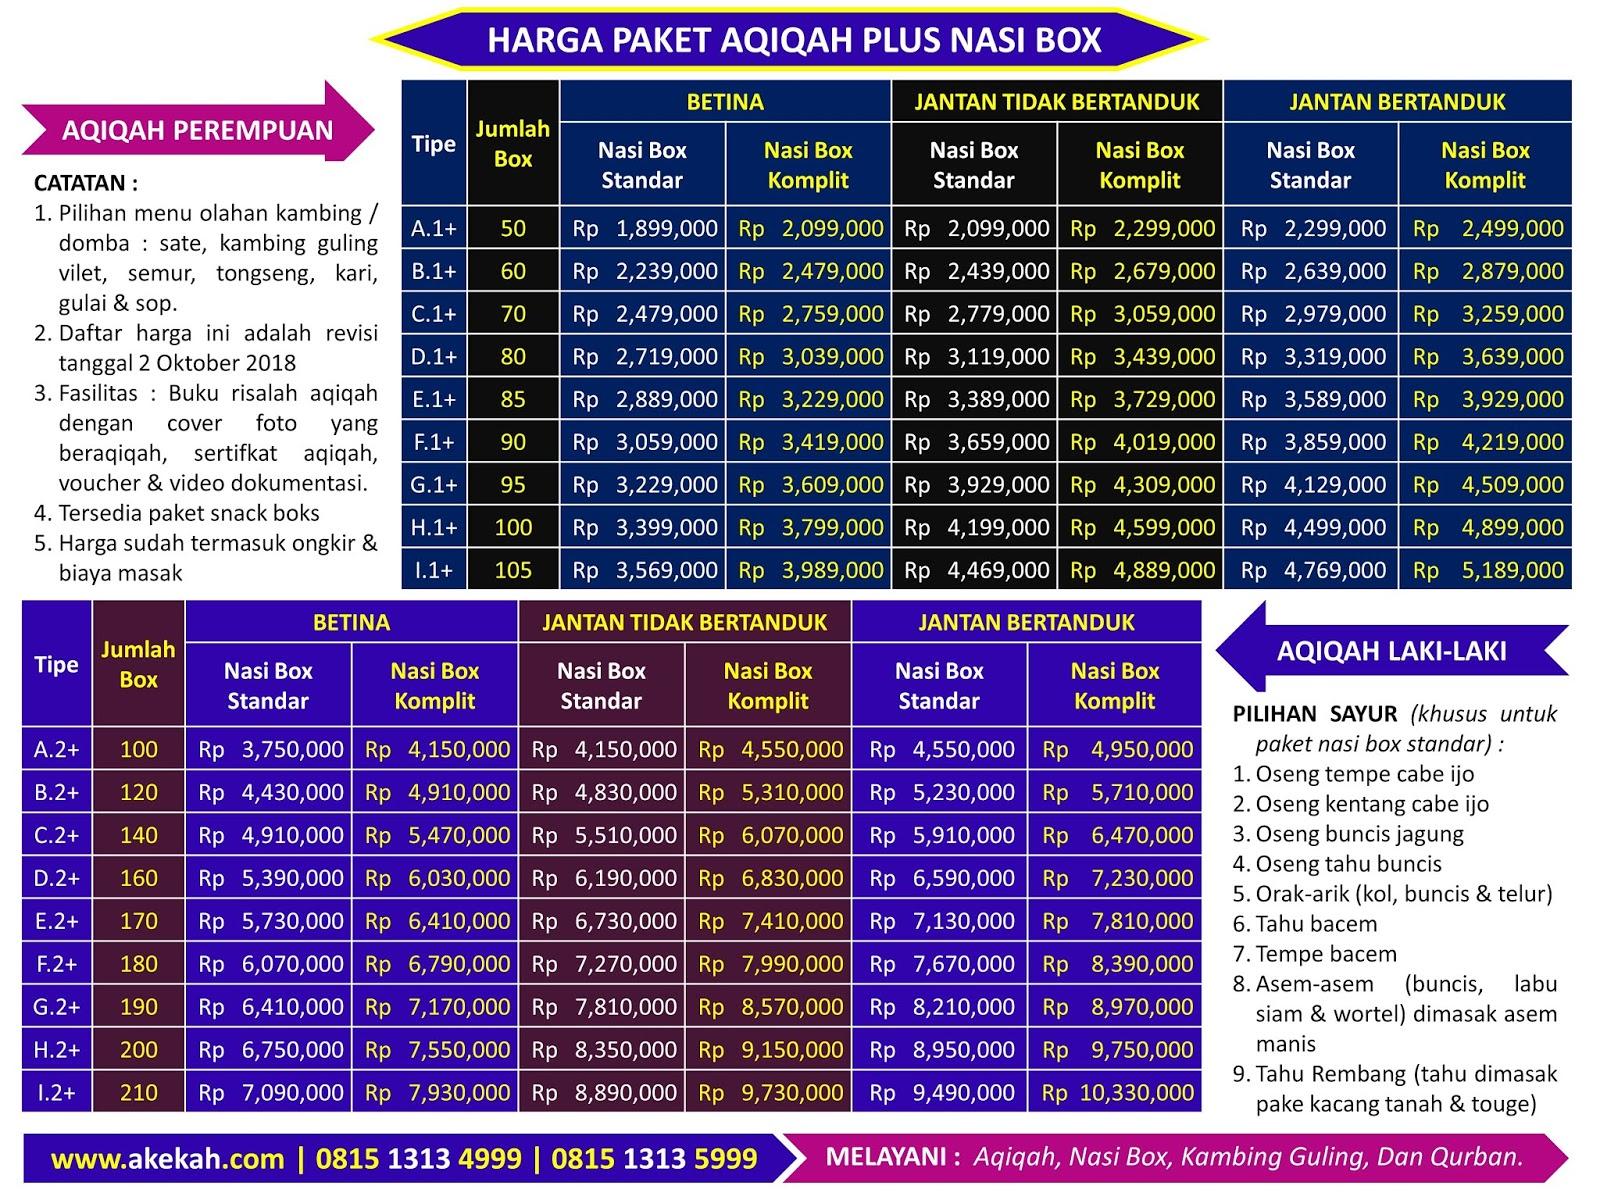 Harga Akikah & Catering Plus Untuk Anak Daerah Bogor Jawa Barat